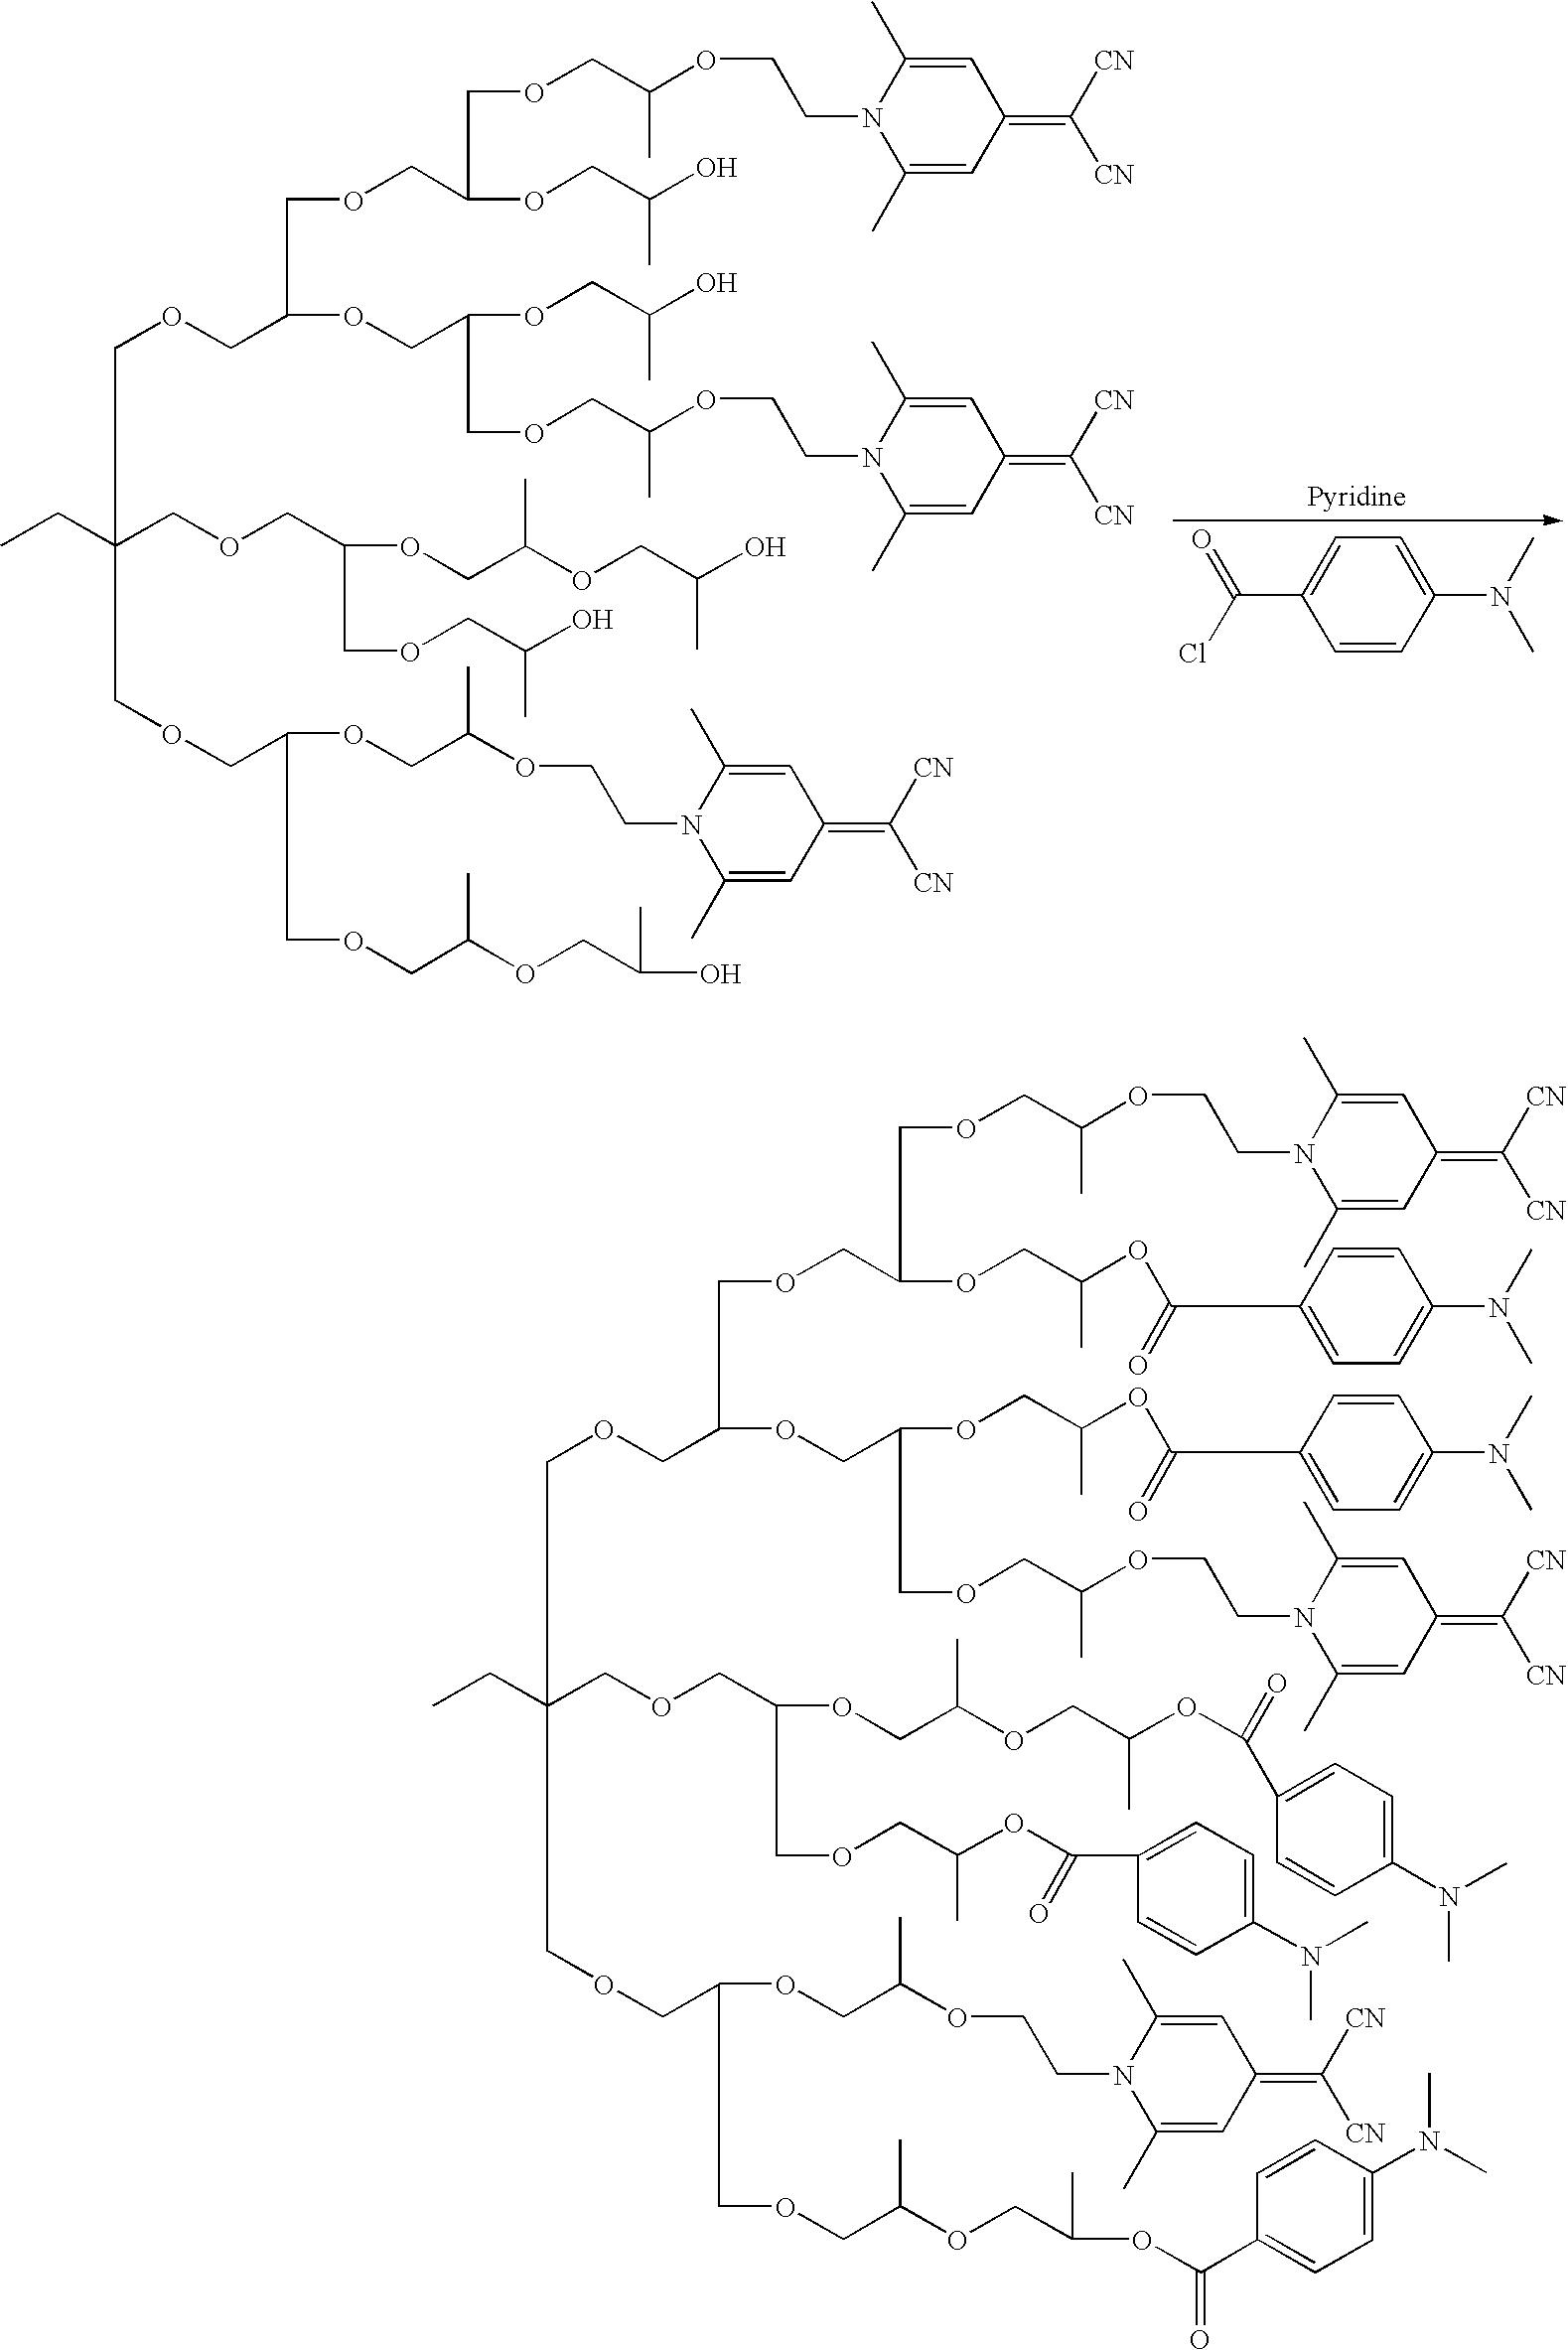 Figure US20080081025A1-20080403-C00024